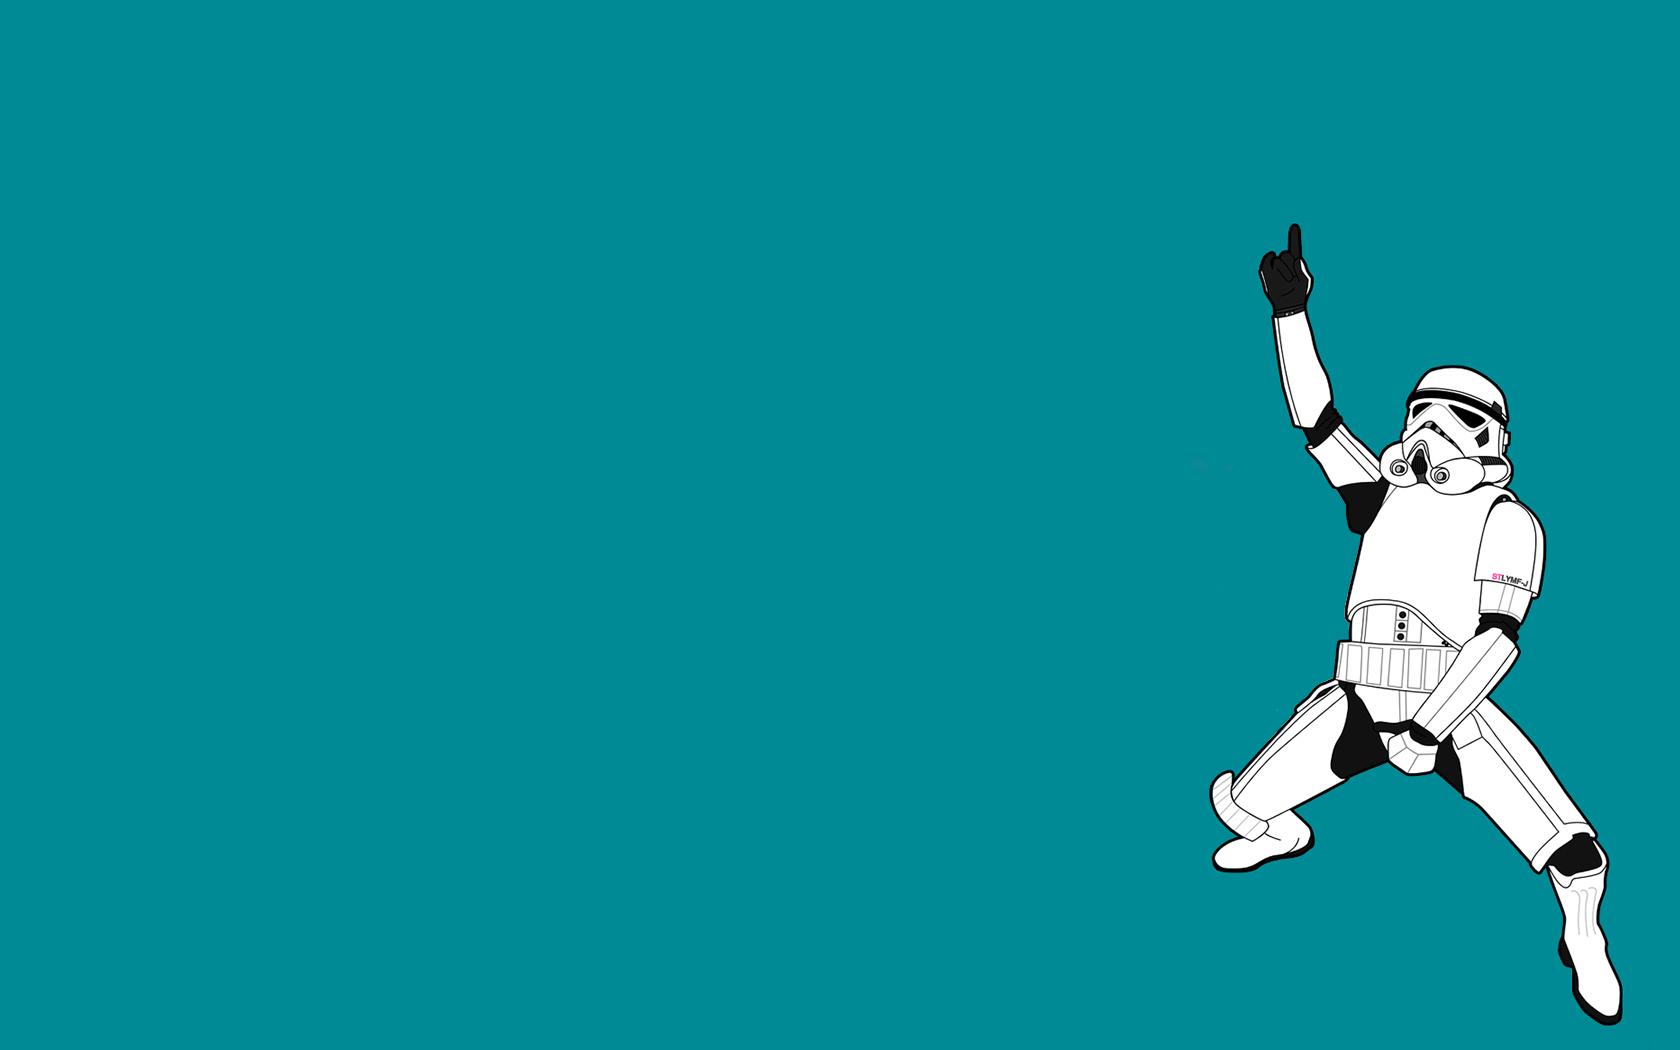 Masaüstü 1680x1050 Piksel Arka Fon Klon Komik Basit Star